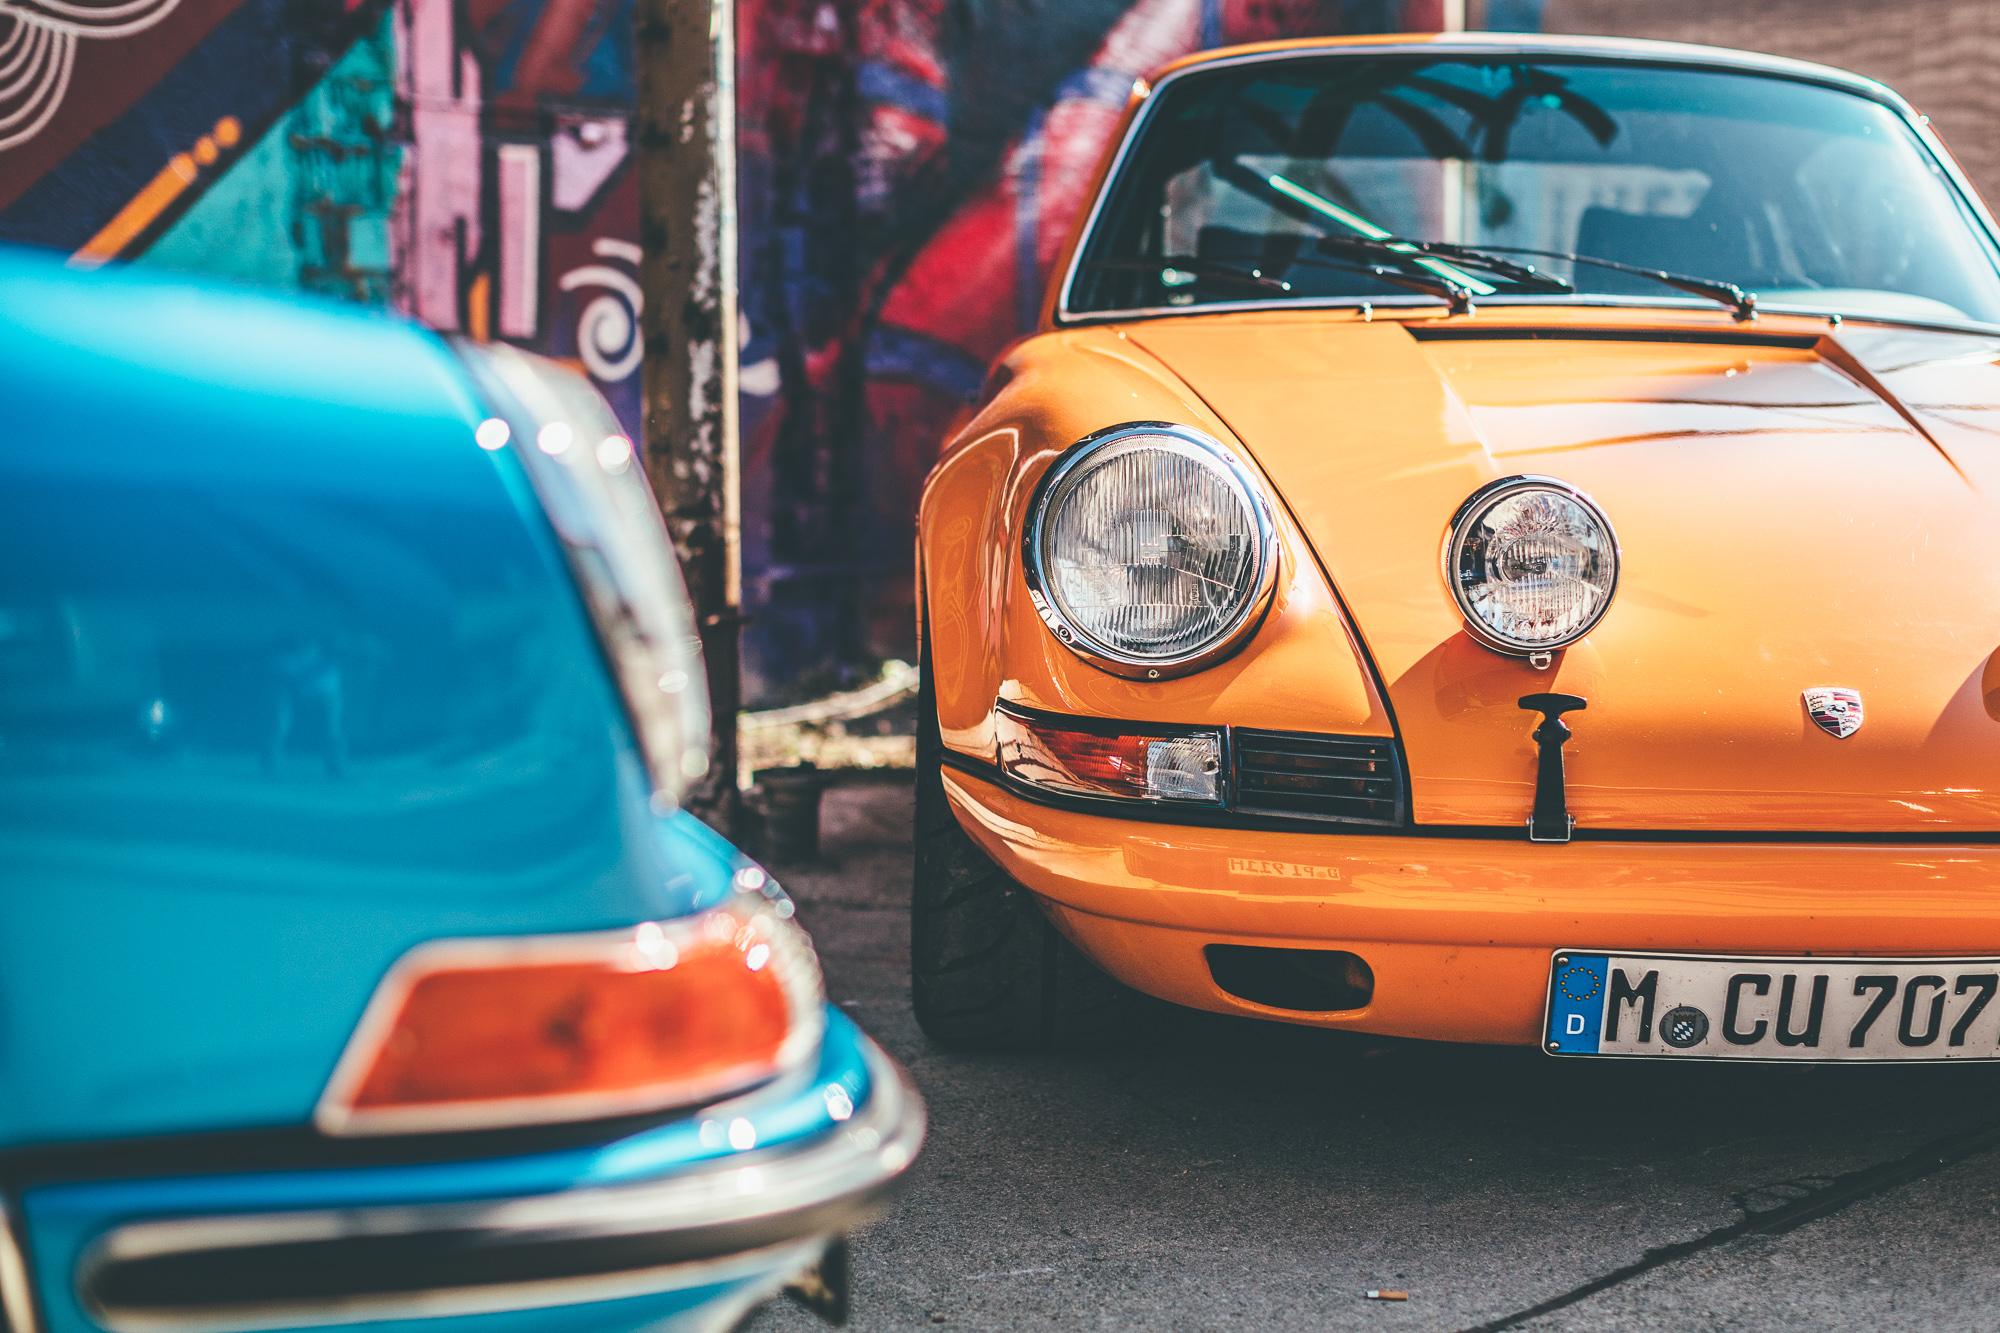 LUFTGEKÜHLT MÜNCHEN: Das schönste Autotreffen, das Europa je gesehen hat